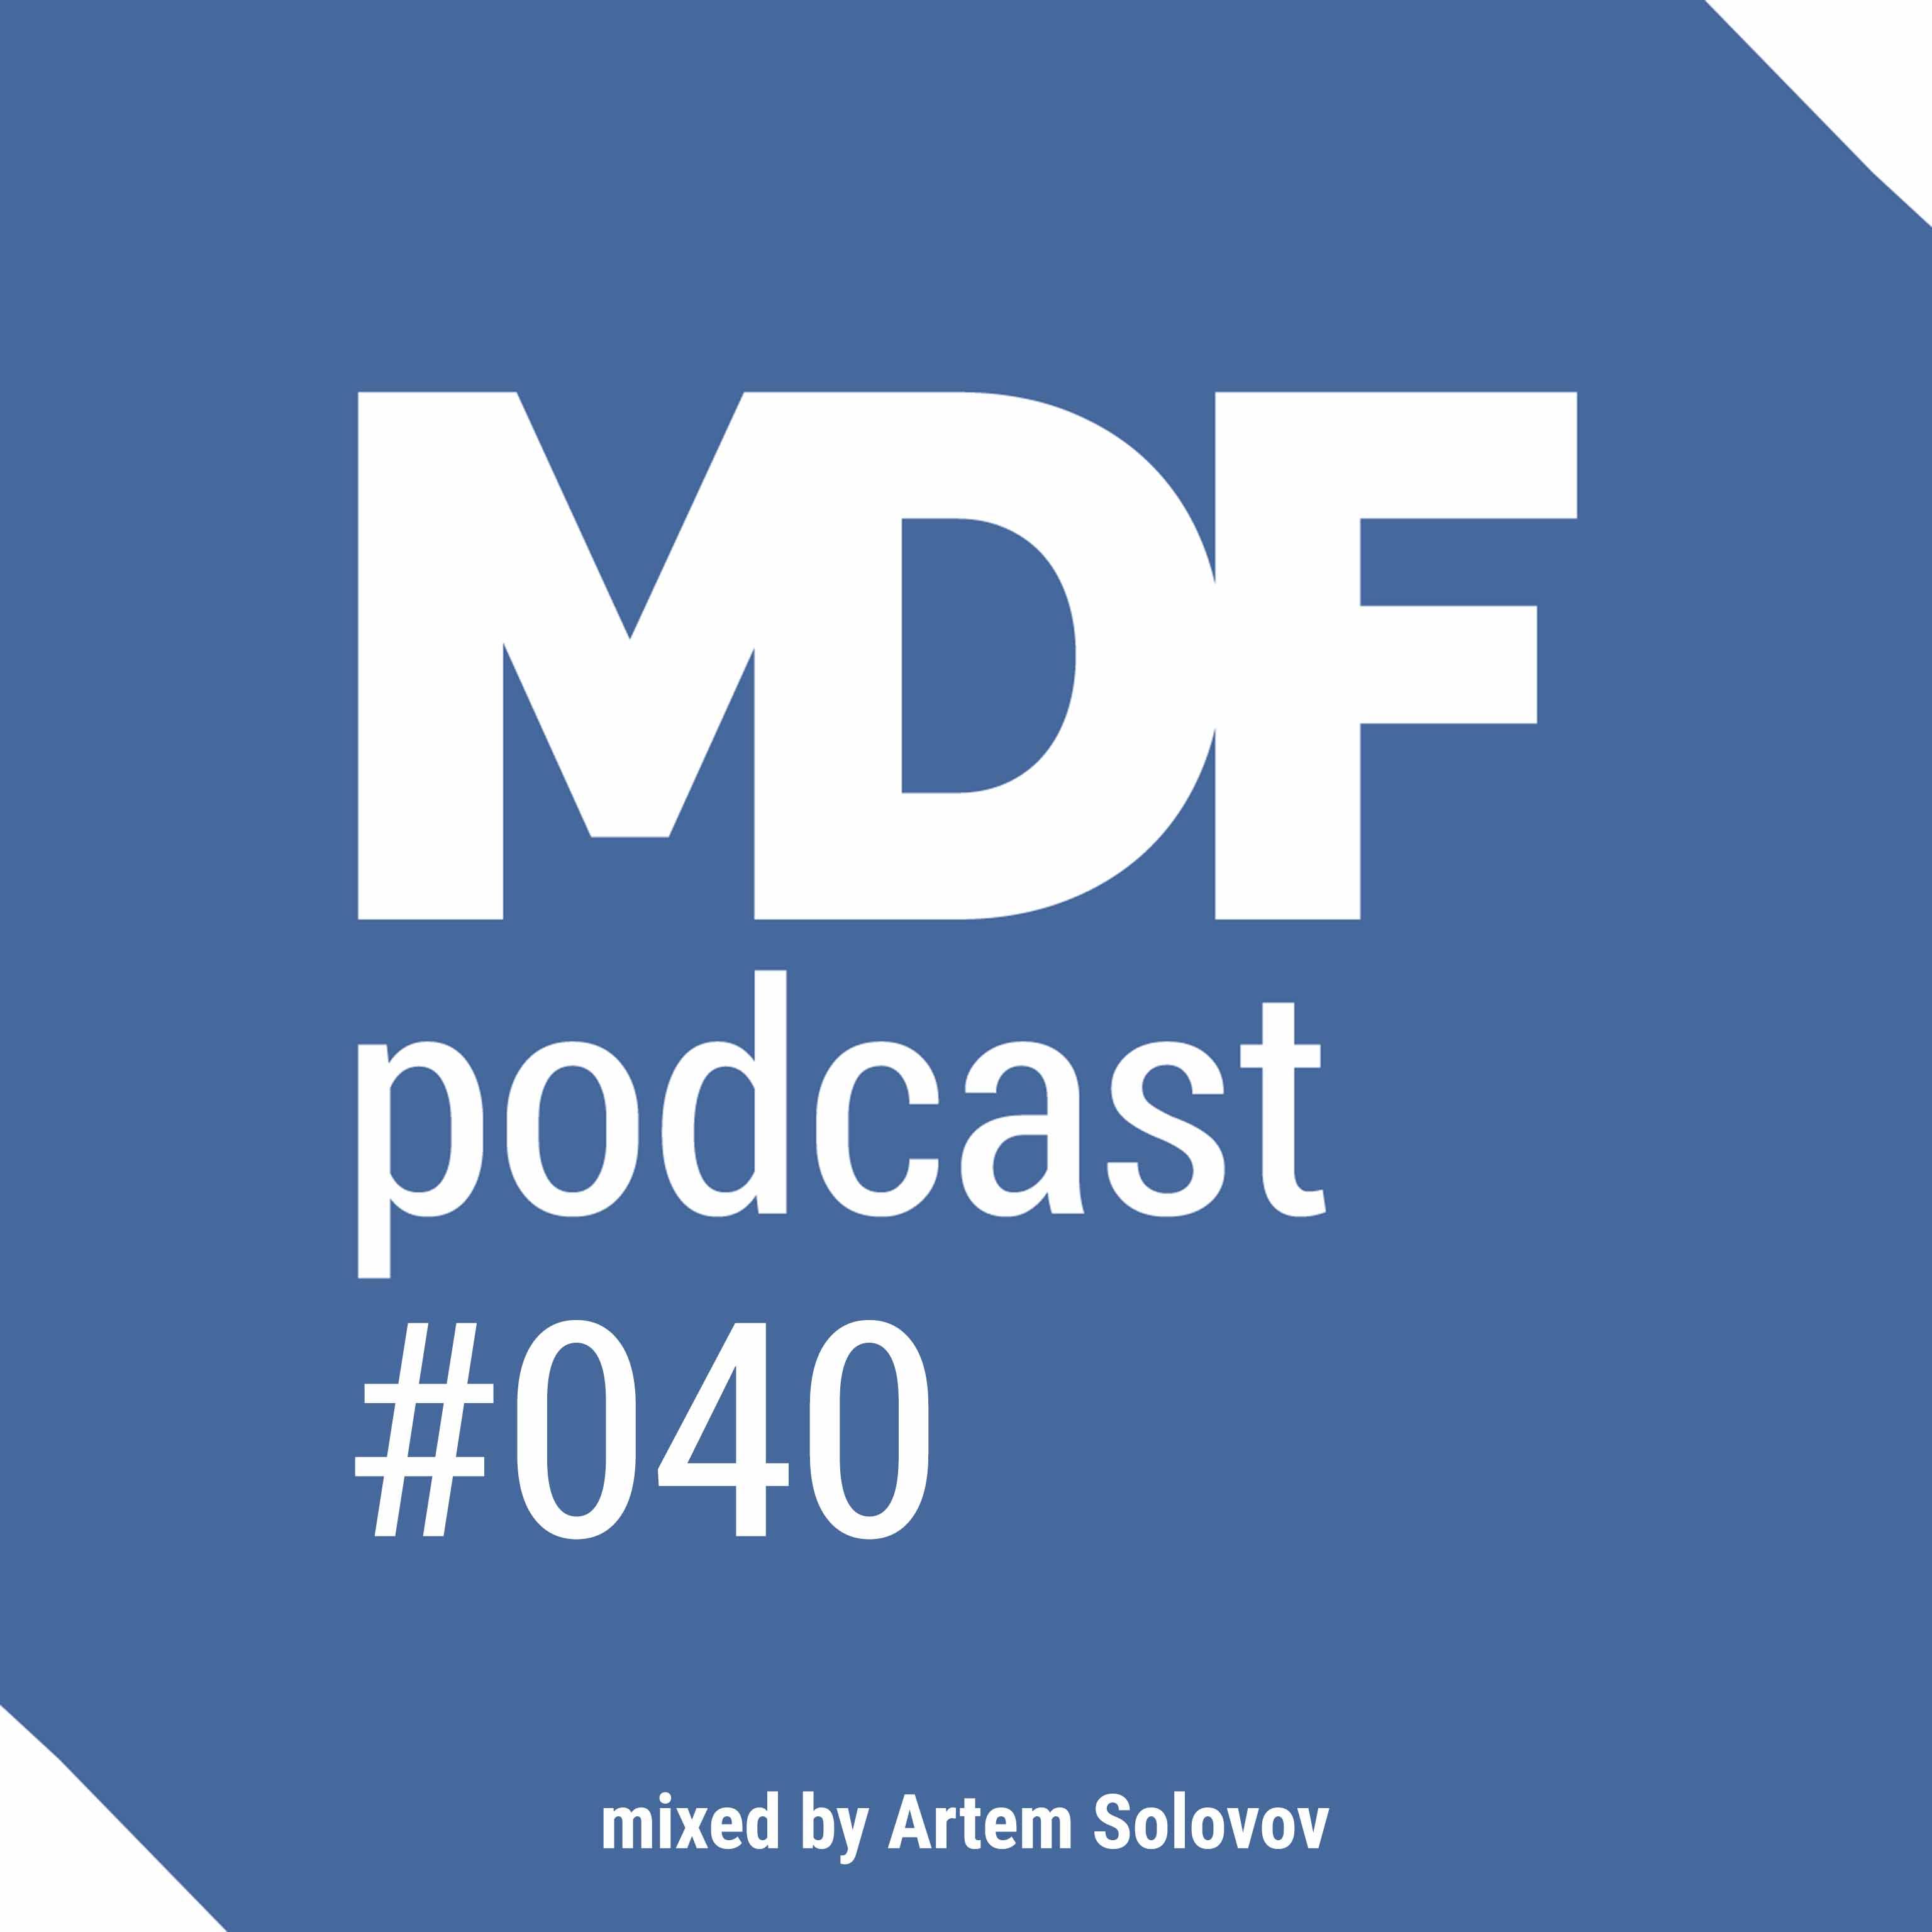 MDF Podcast o4o